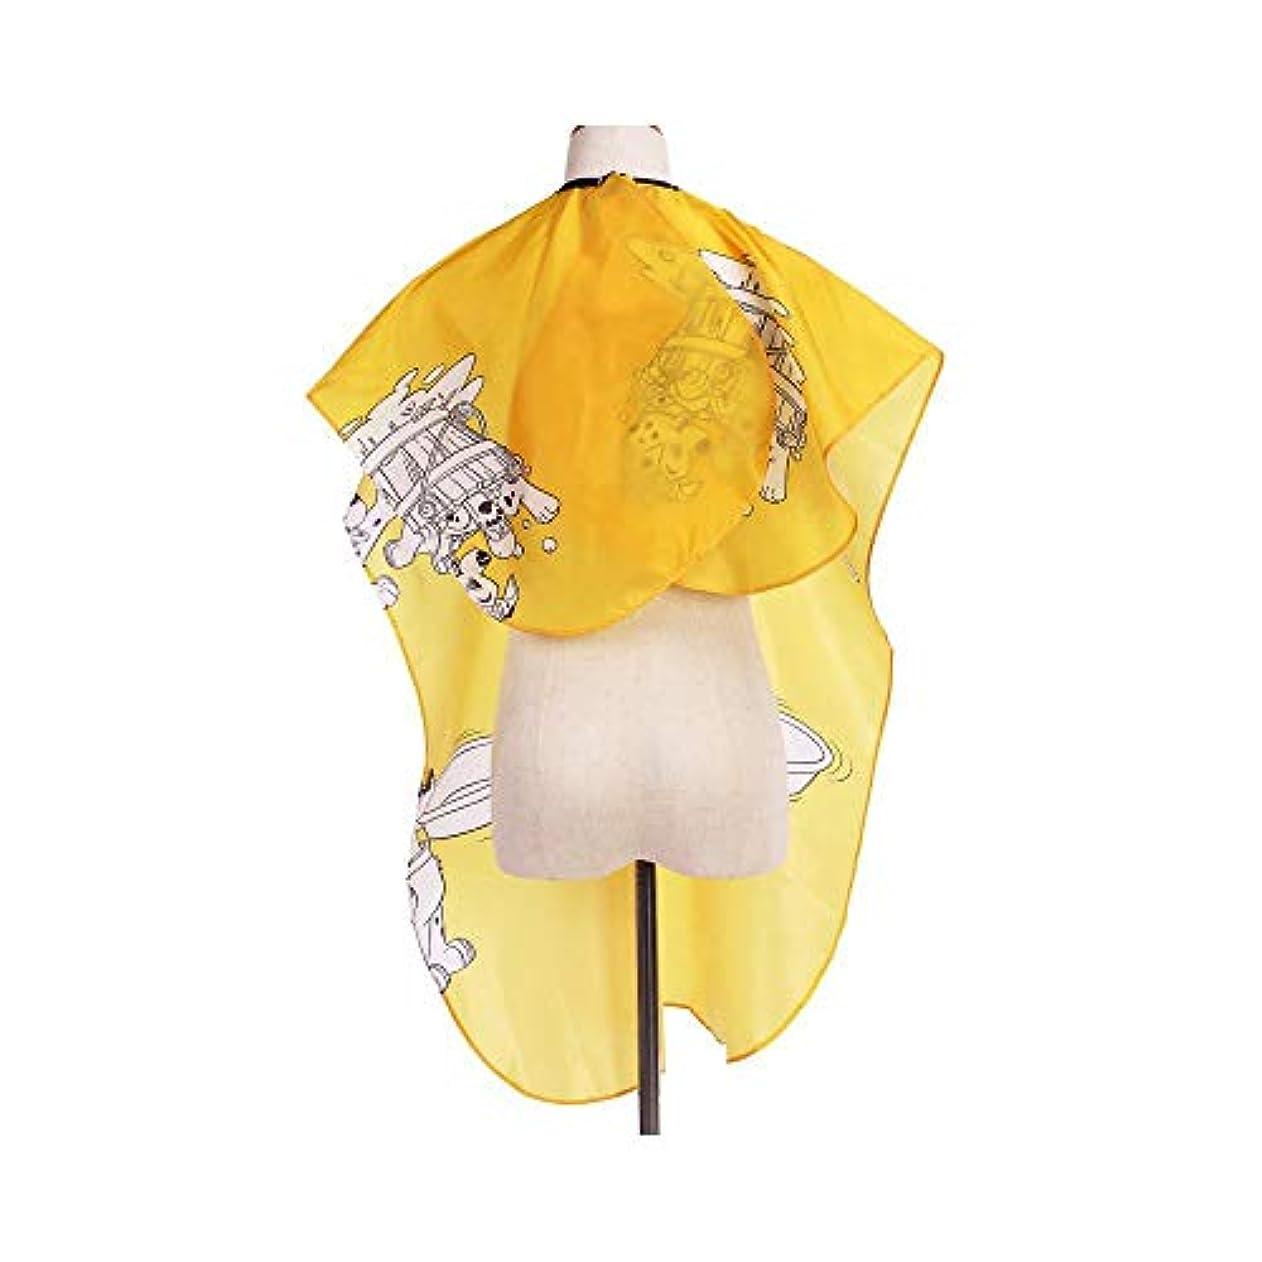 無一文アクティブバケツユニセックスのプロの美容師は、カットと色の黄色の全長ケープをスタイリングする髪のためのガウンを防水します ヘアケア